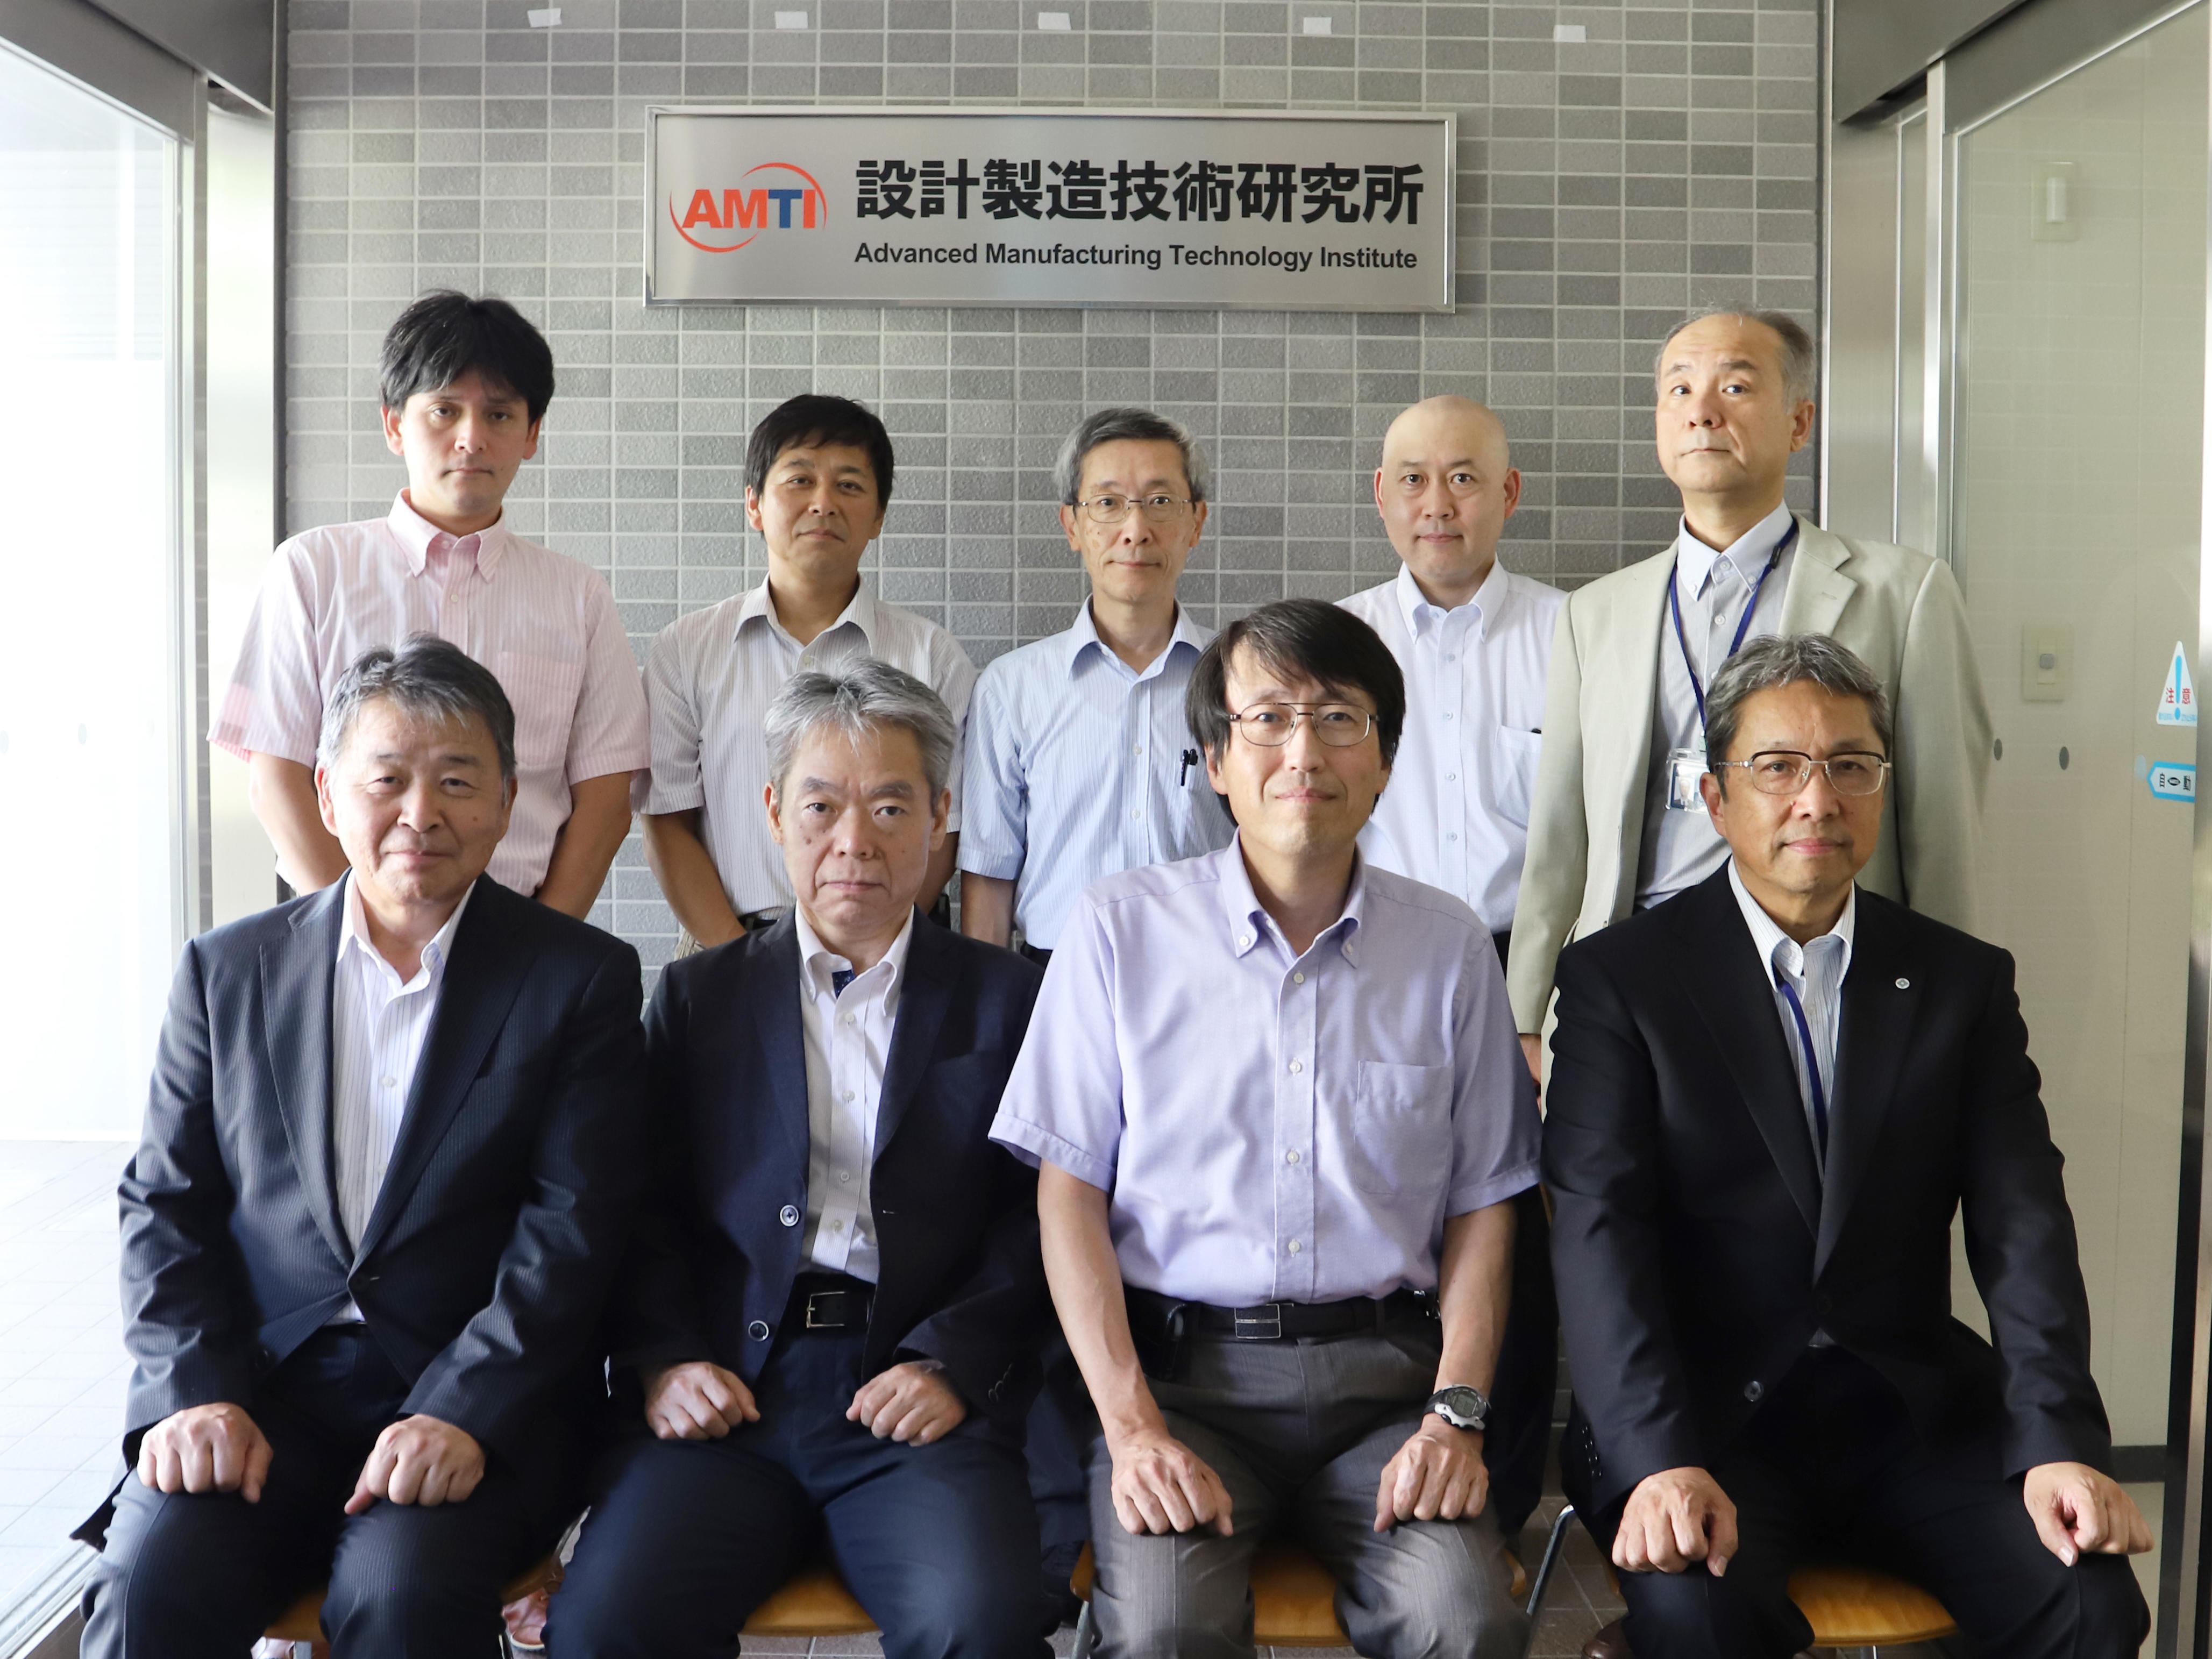 金沢大学が「設計製造技術研究所」の看板除幕式を挙行 -- 革新的な設計・製造技術を開発する新研究所がスタート